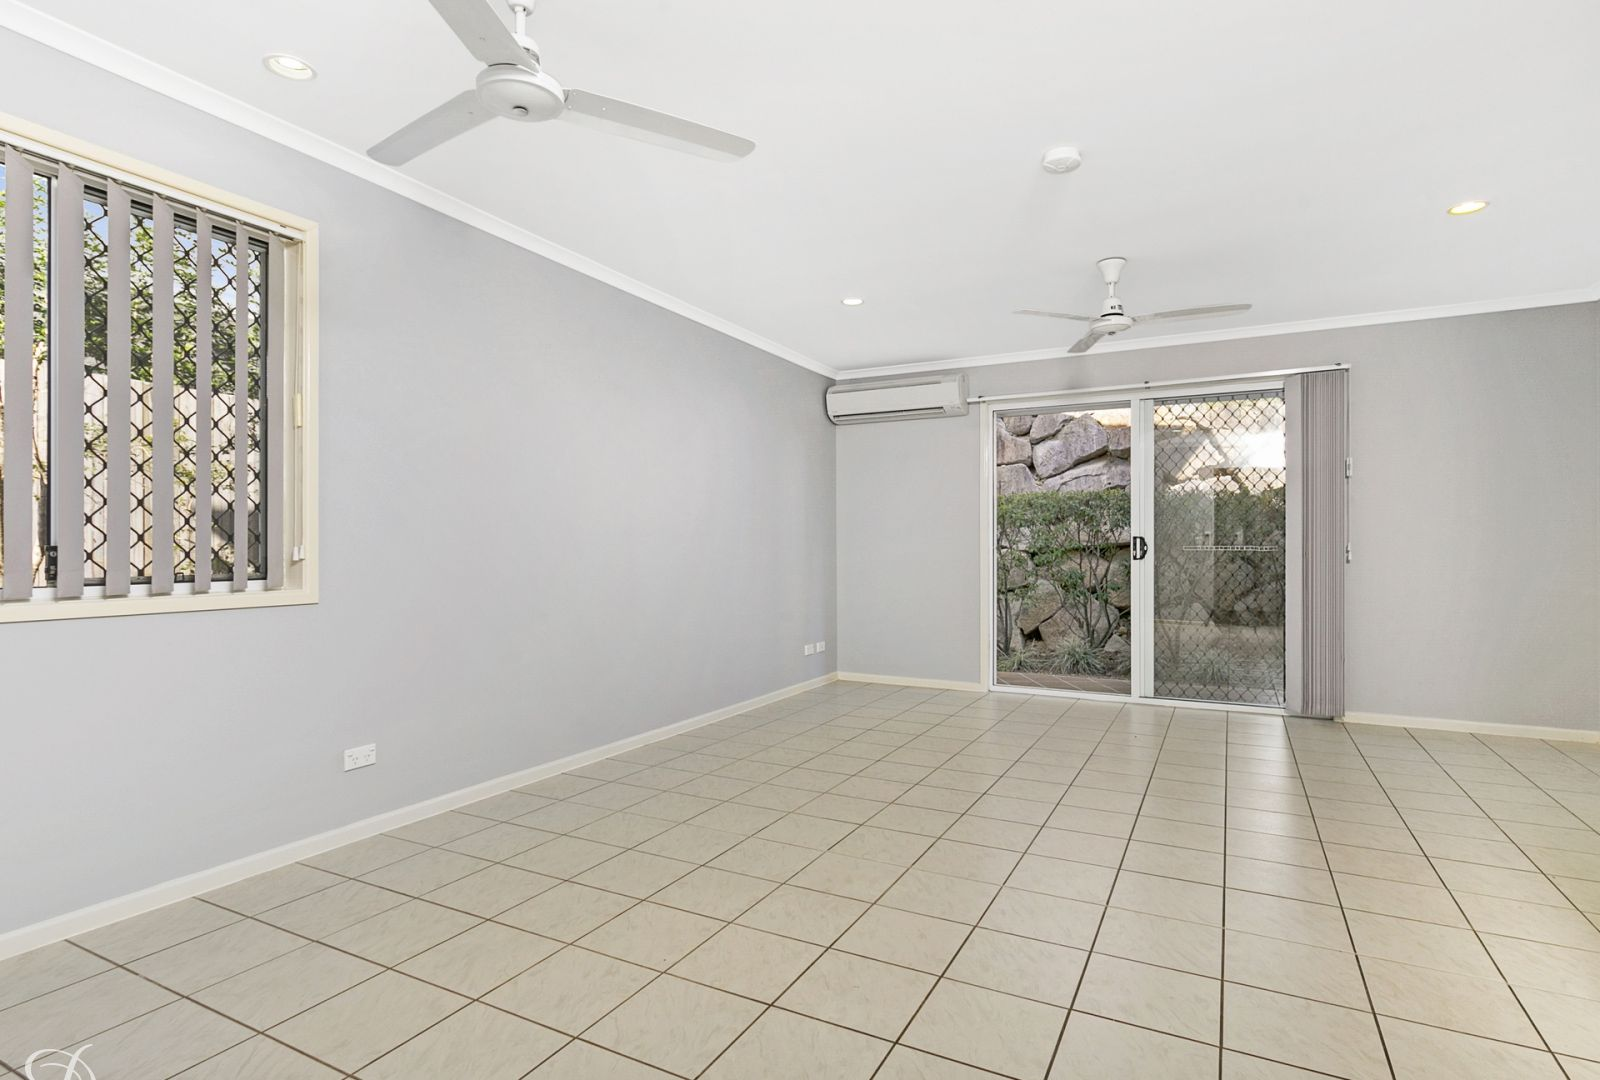 21/146 Frasers Road, Mitchelton QLD 4053, Image 1